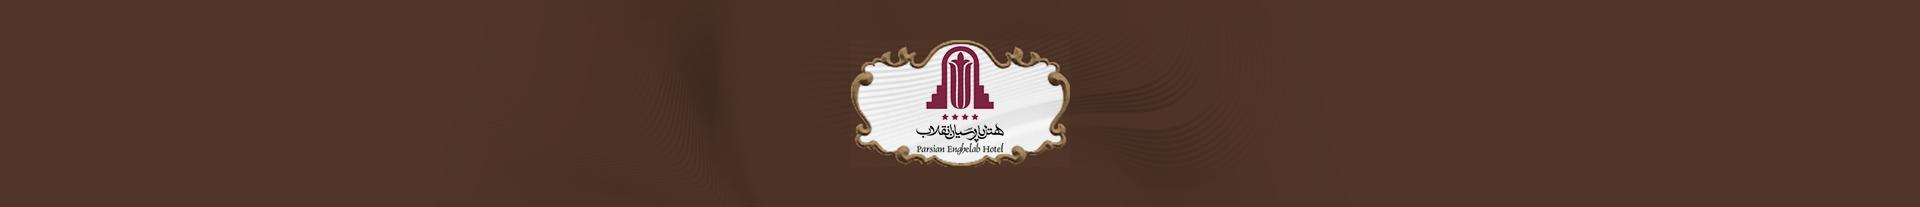 کد تخفیف هتل پارسیان انقلاب